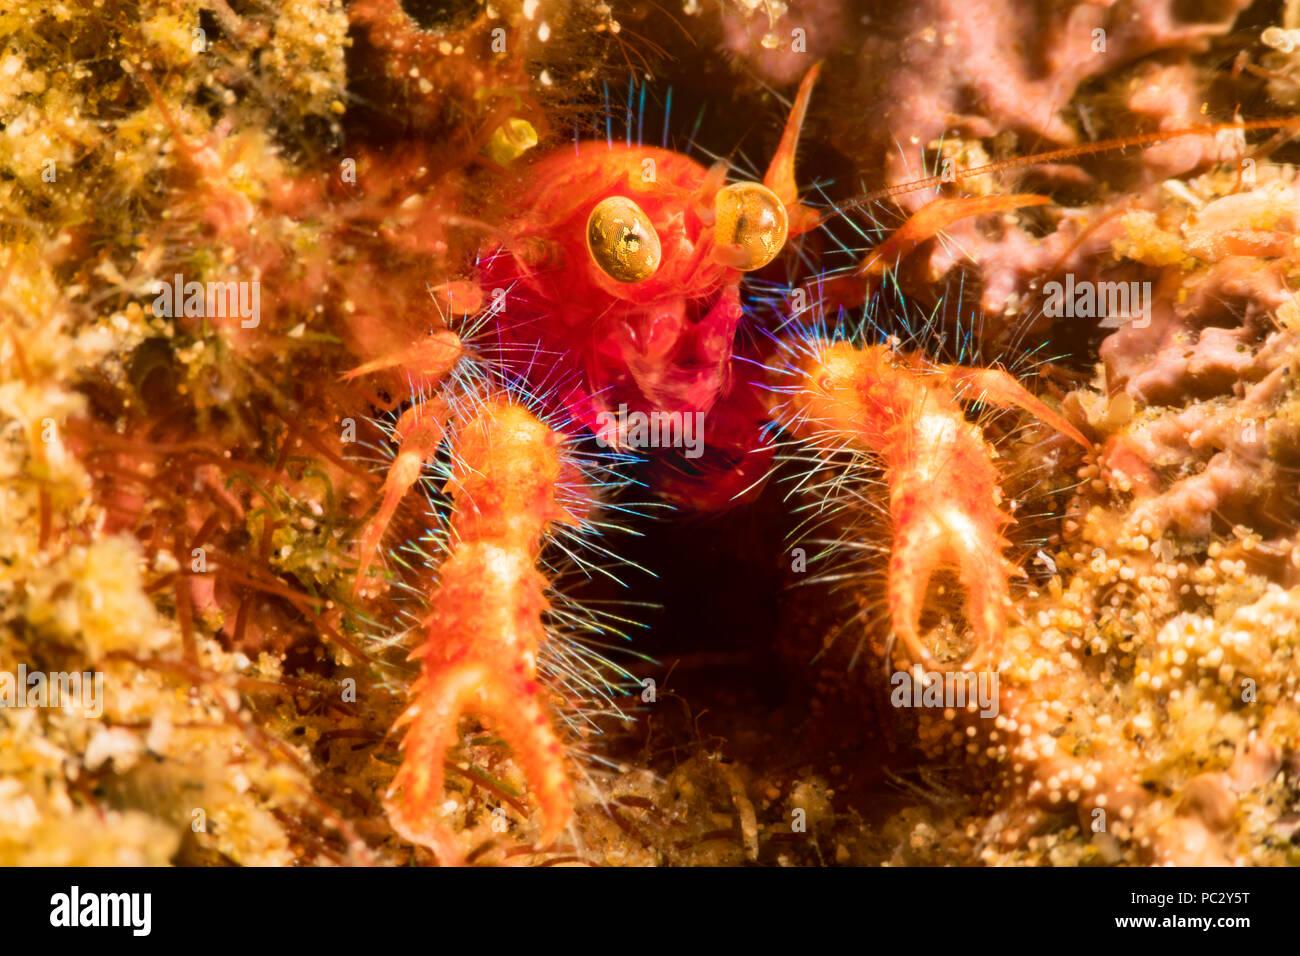 Il bug-eyed squat lobster, Neomunida olivarae, è anche noto come una colorata squat aragosta o google-eyed fairy granchio, Dumaguete, Filippine, dell'Asia. Immagini Stock